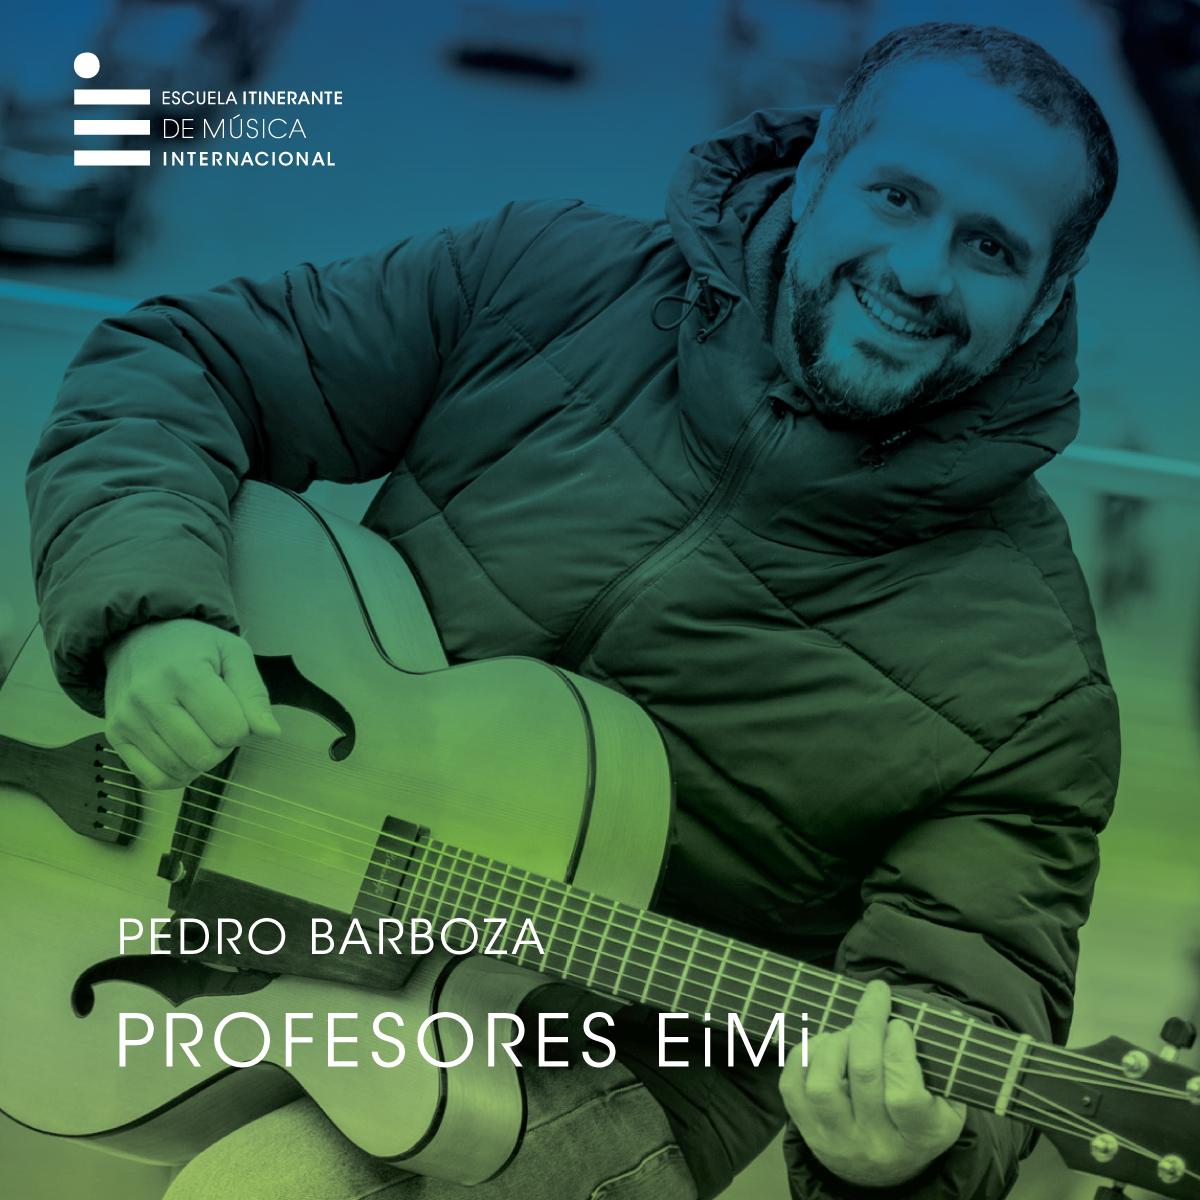 Pedro Barboza Director y Profesor de Guitarra y Armonía de la Escuela Itinerante de Música Internacional